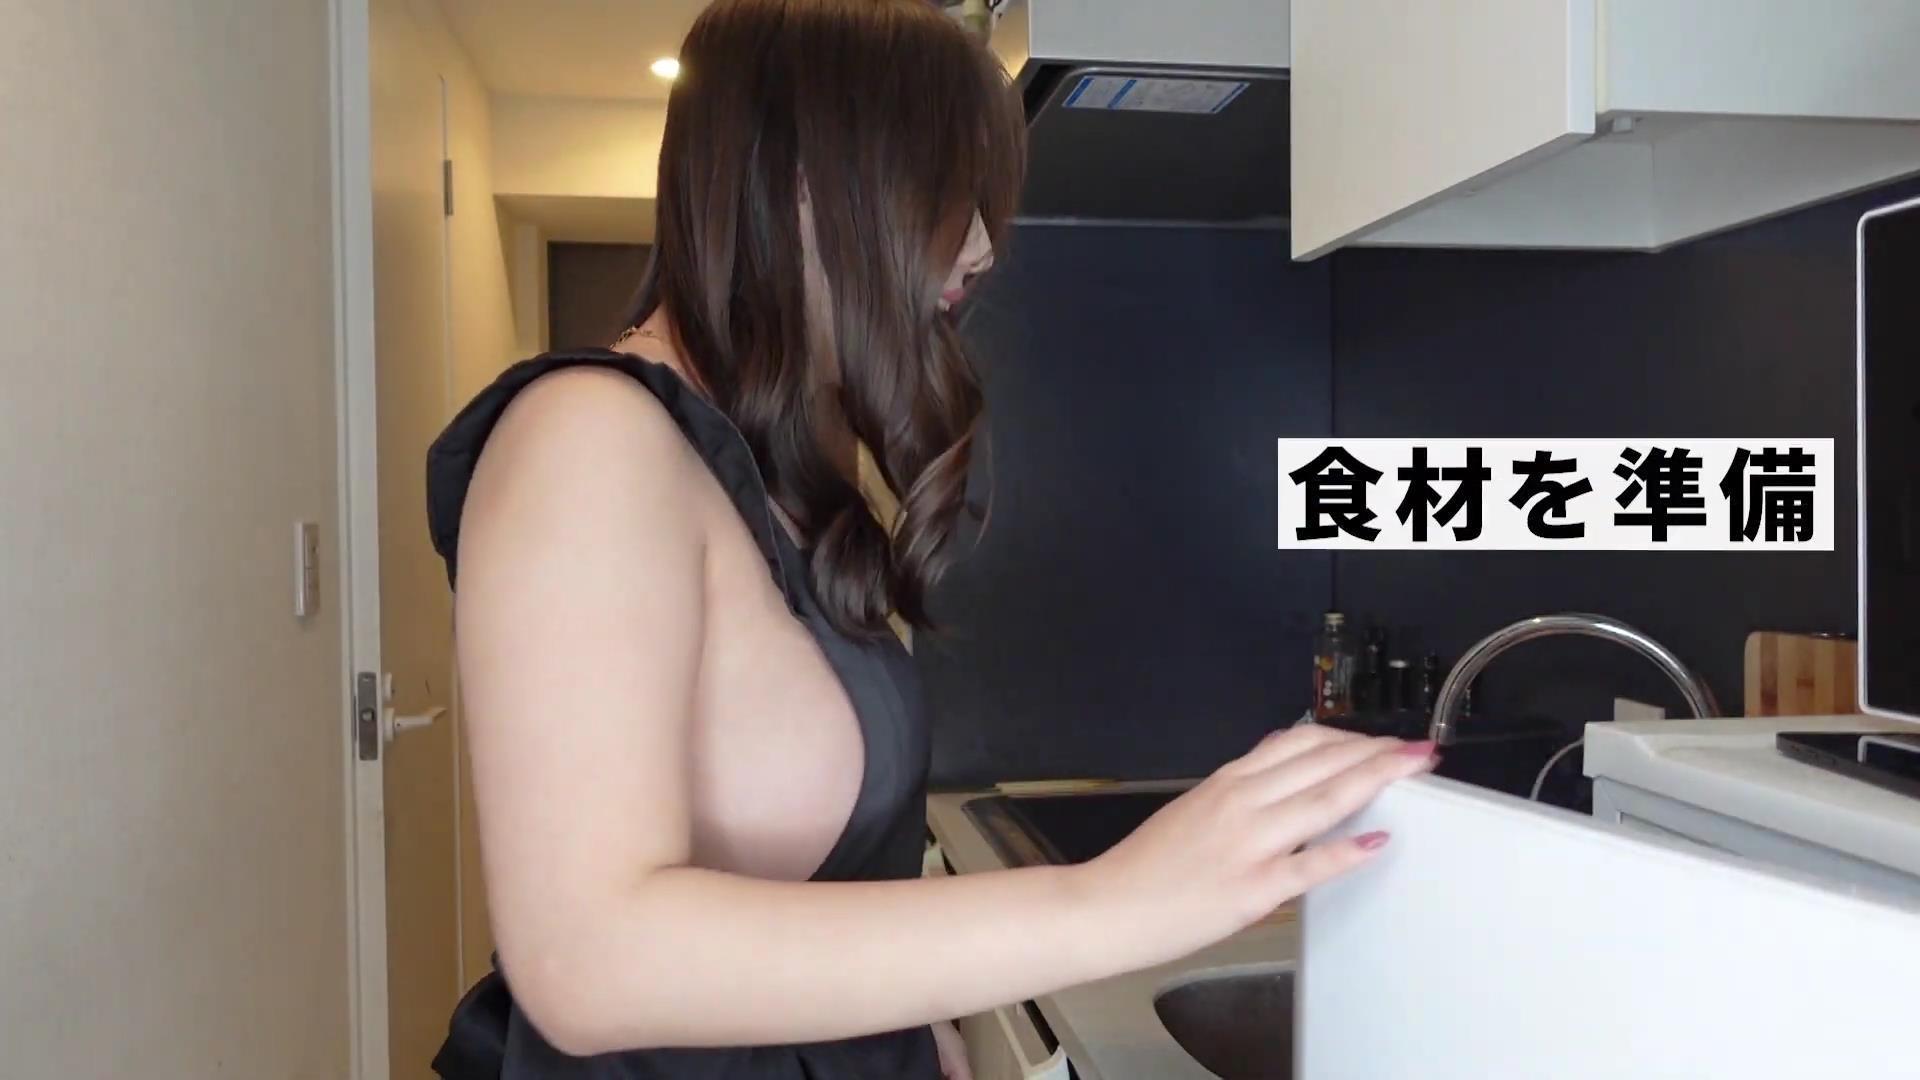 裸体围裙 Youtube 美食博主 水咲优美